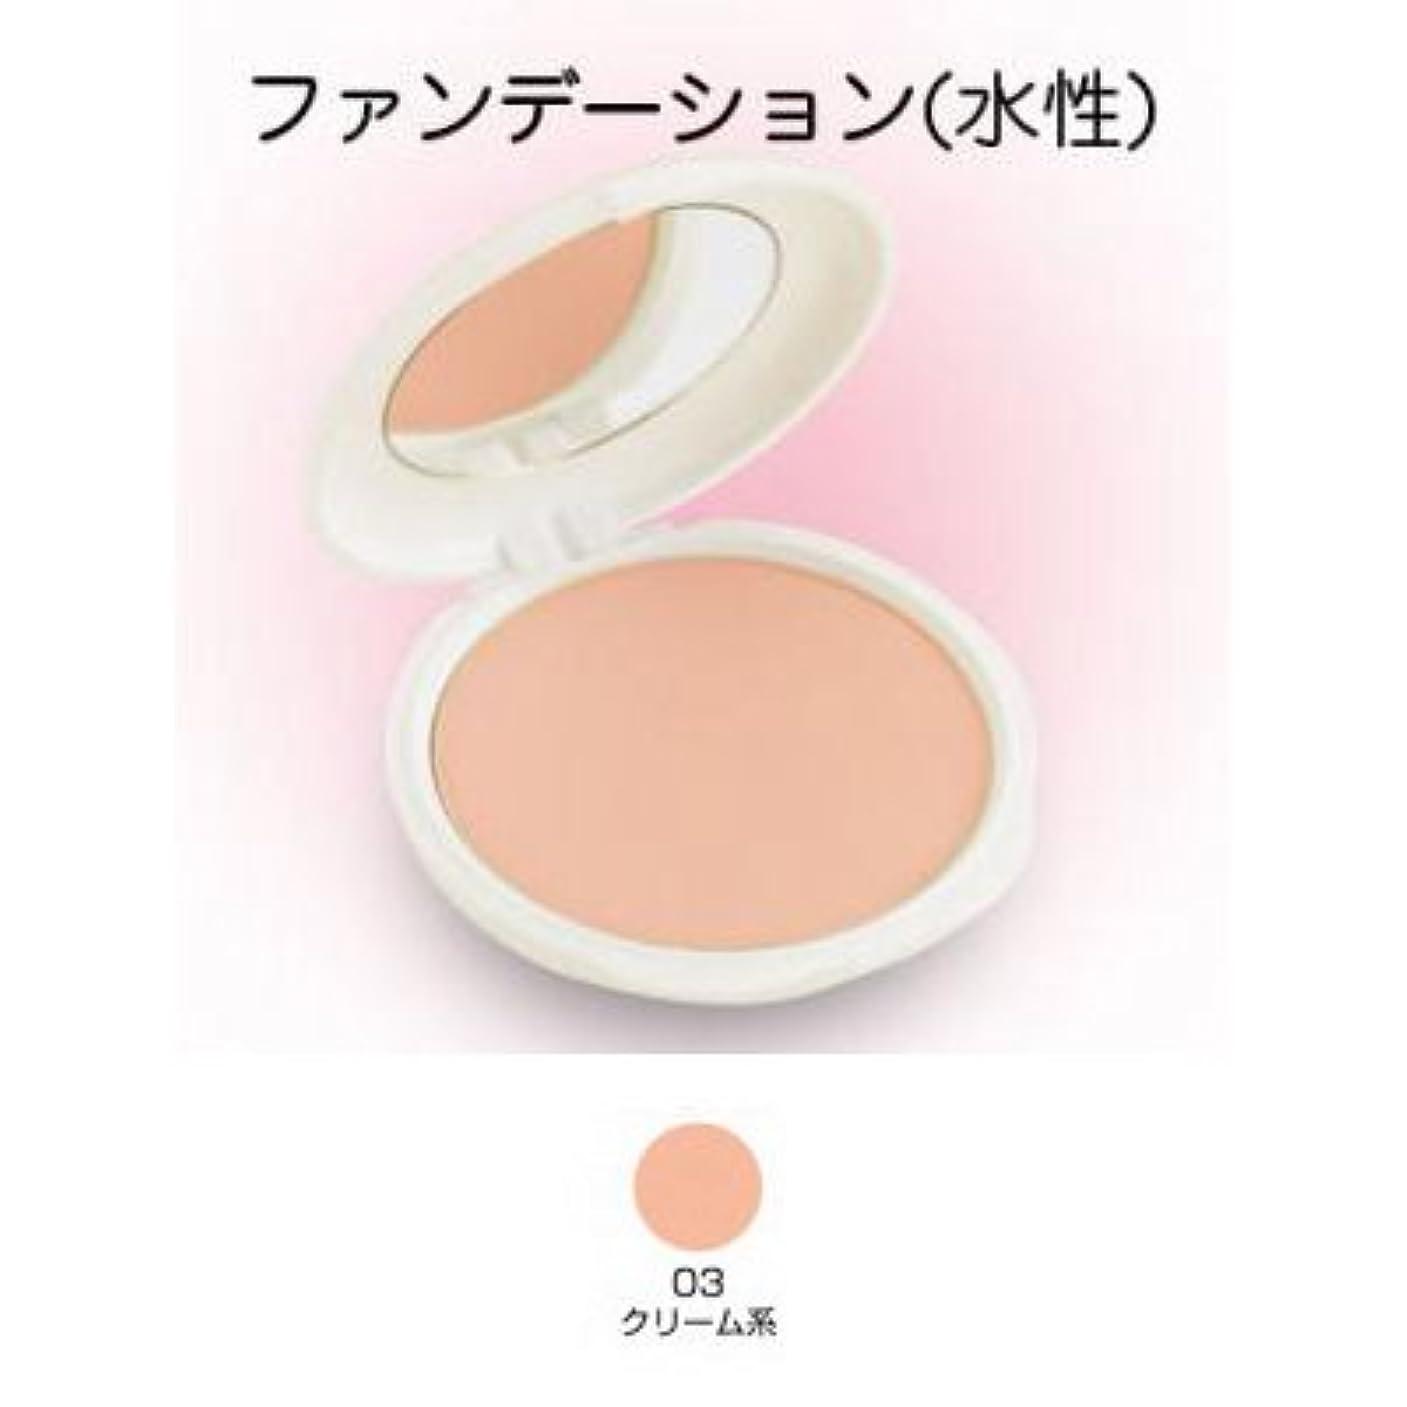 ツーウェイケーキ 28g 03クリーム系 【三善】